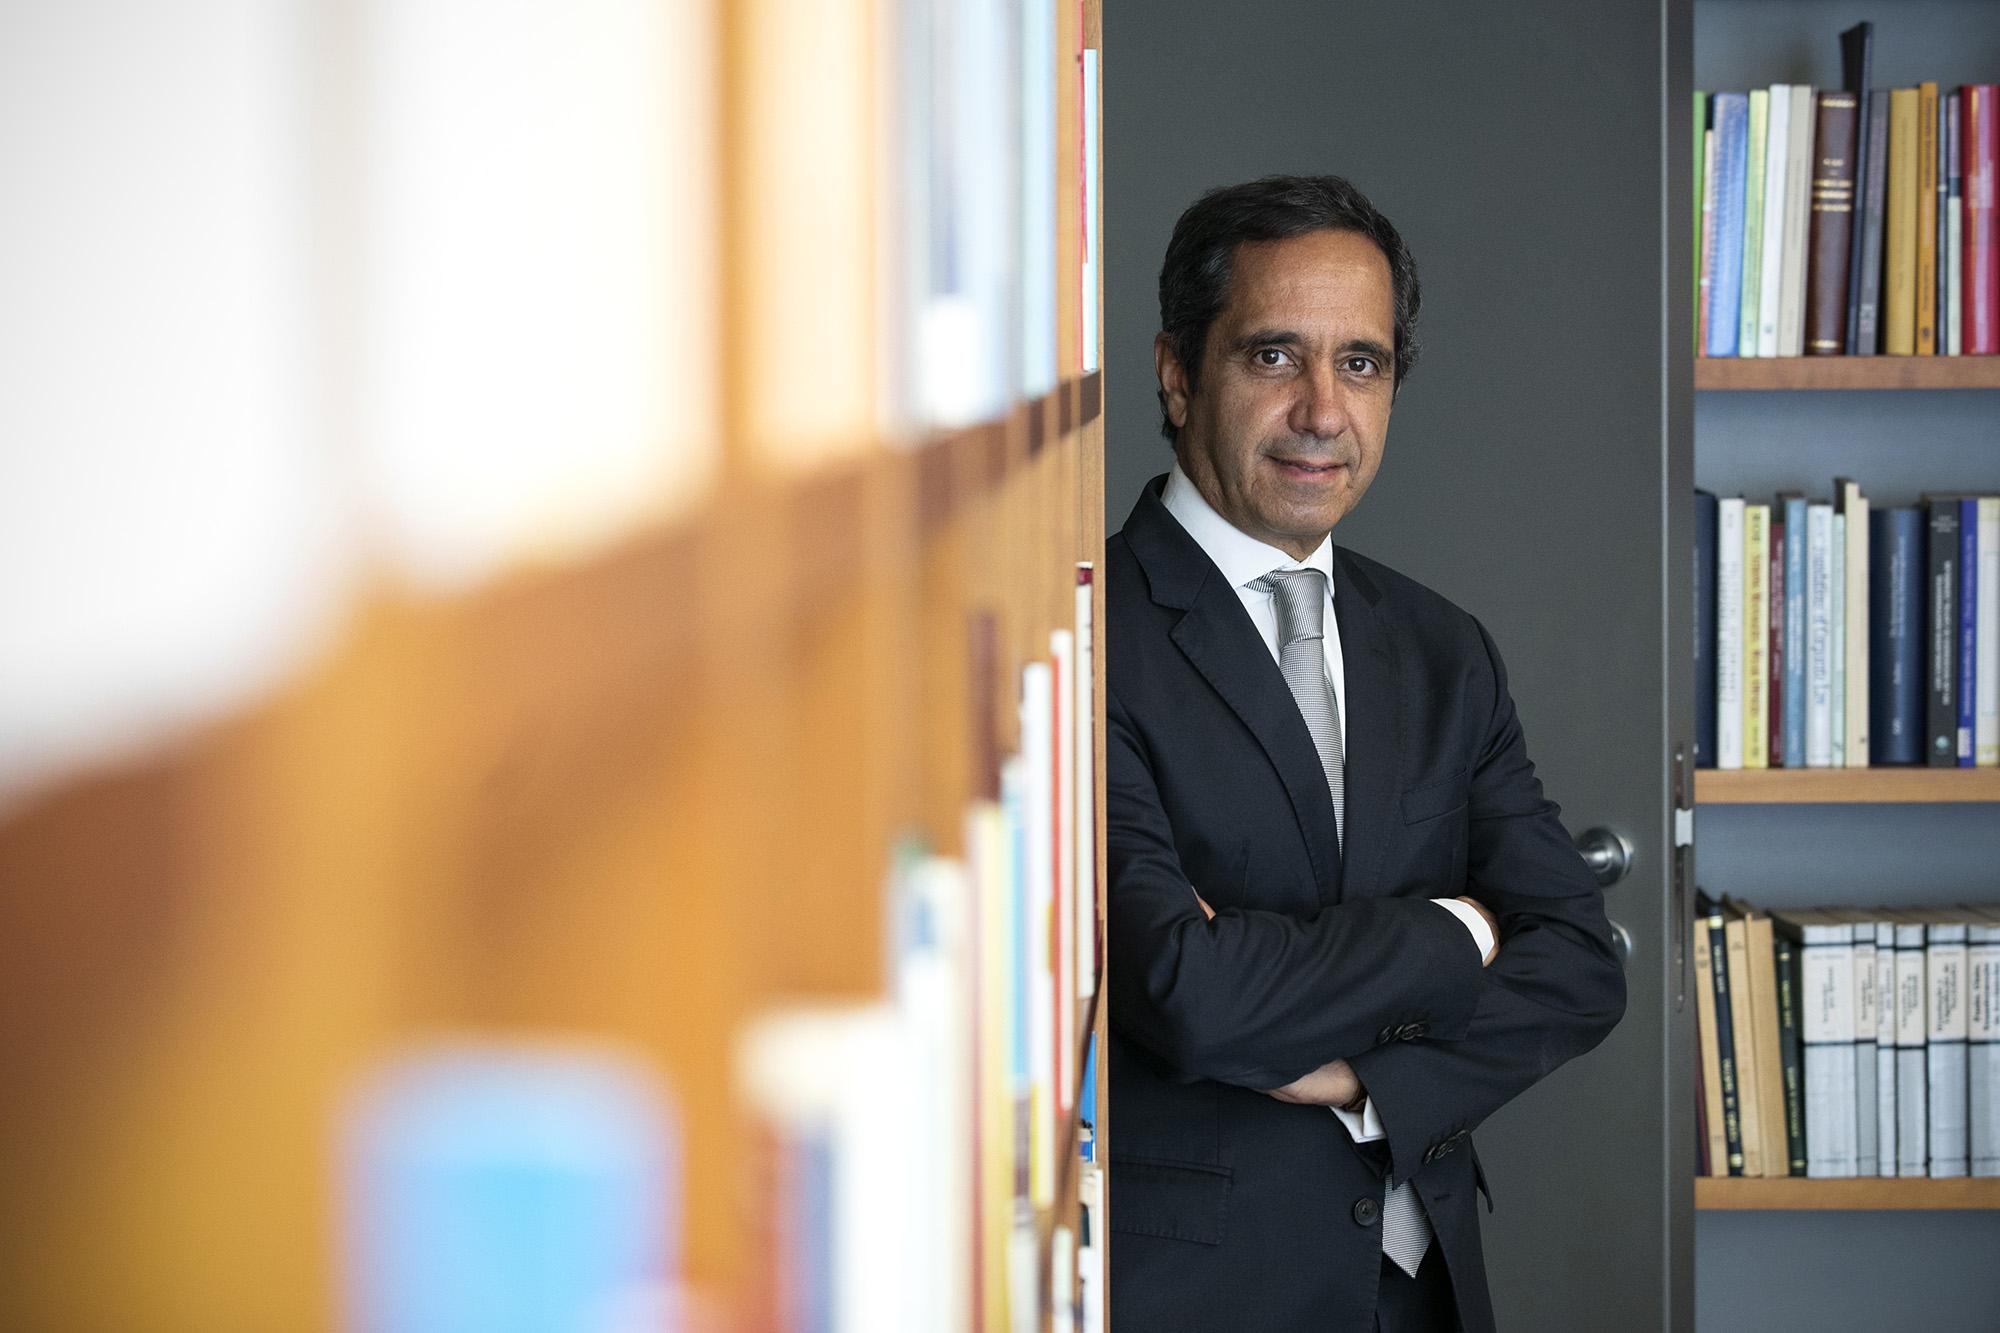 Paulo Câmara, Managing Partner da Sérvulo & Associados, em entrevista ao ECO/Advocatus - 30JUL20